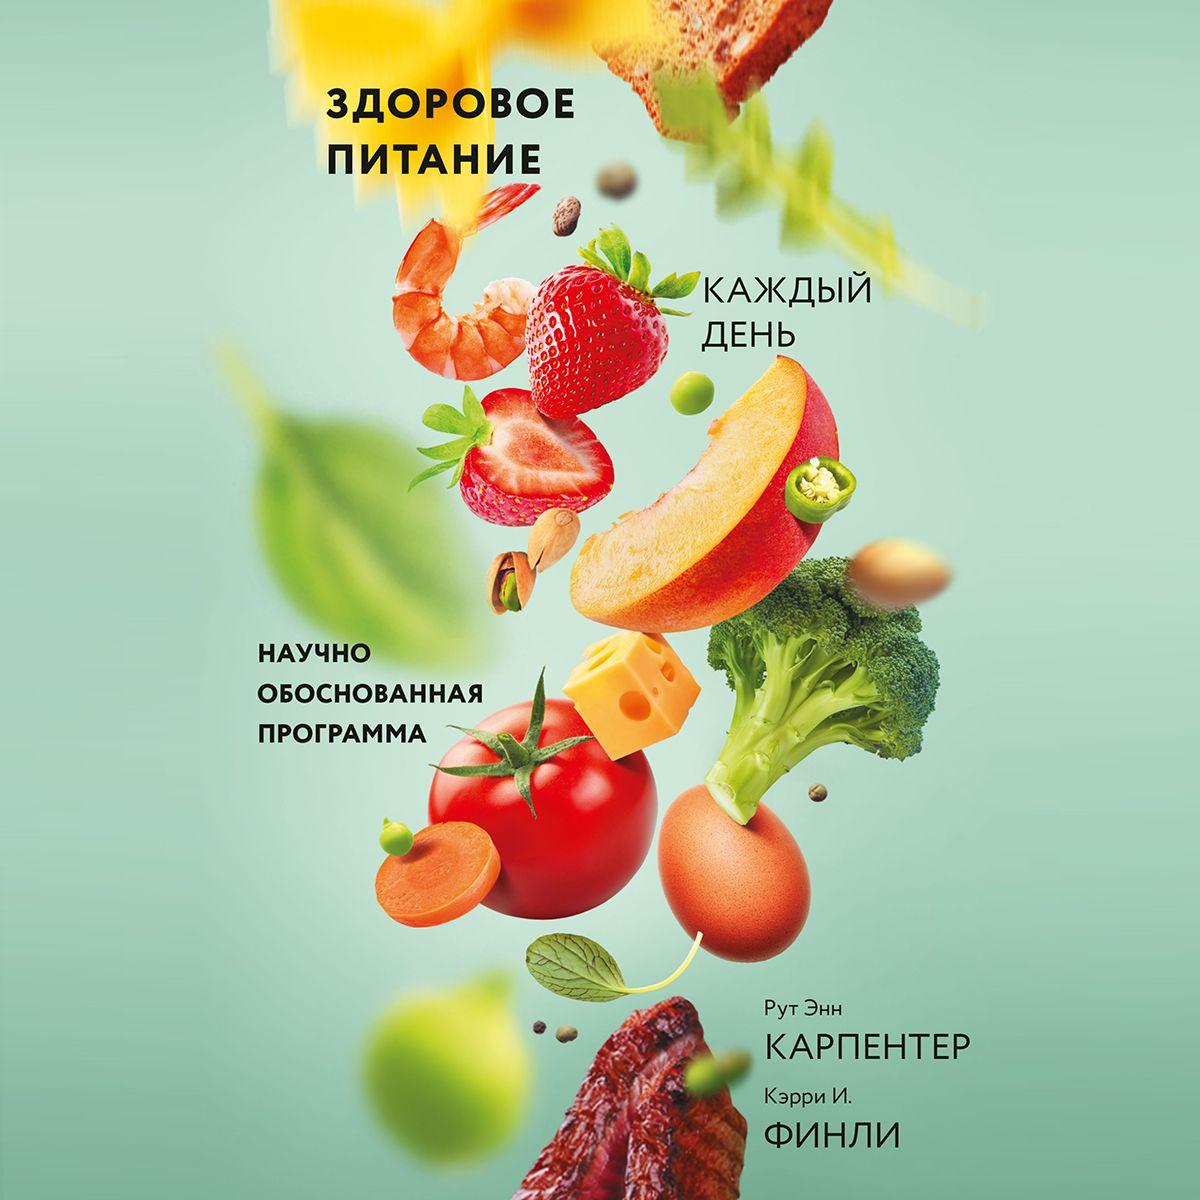 Рут Энн Карпентер Здоровое питание каждый день